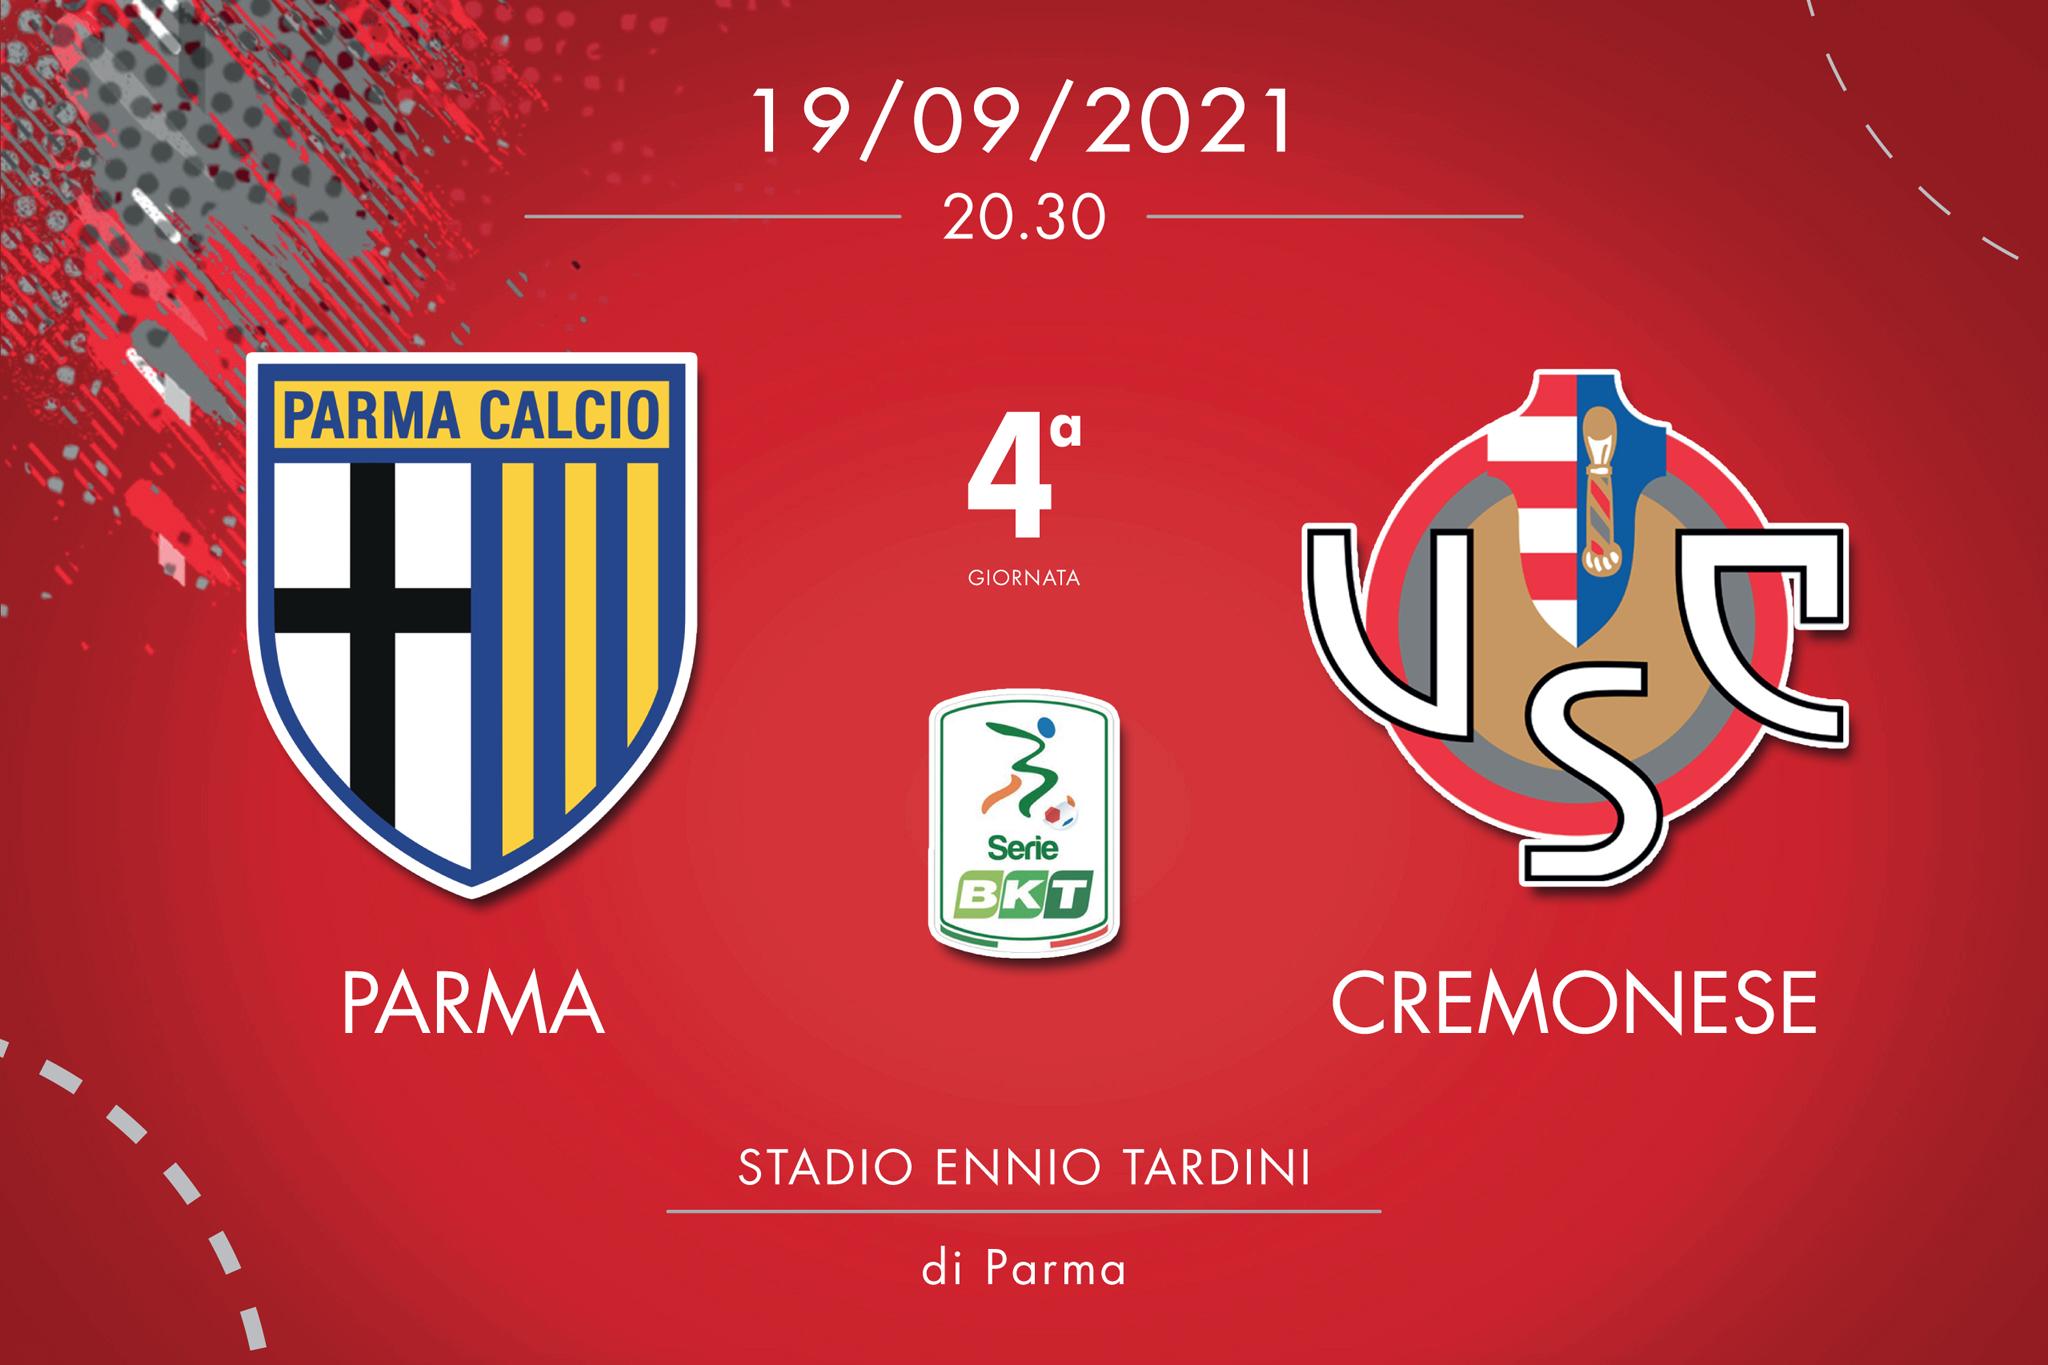 Parma-Cremonese, tabellino e cronaca